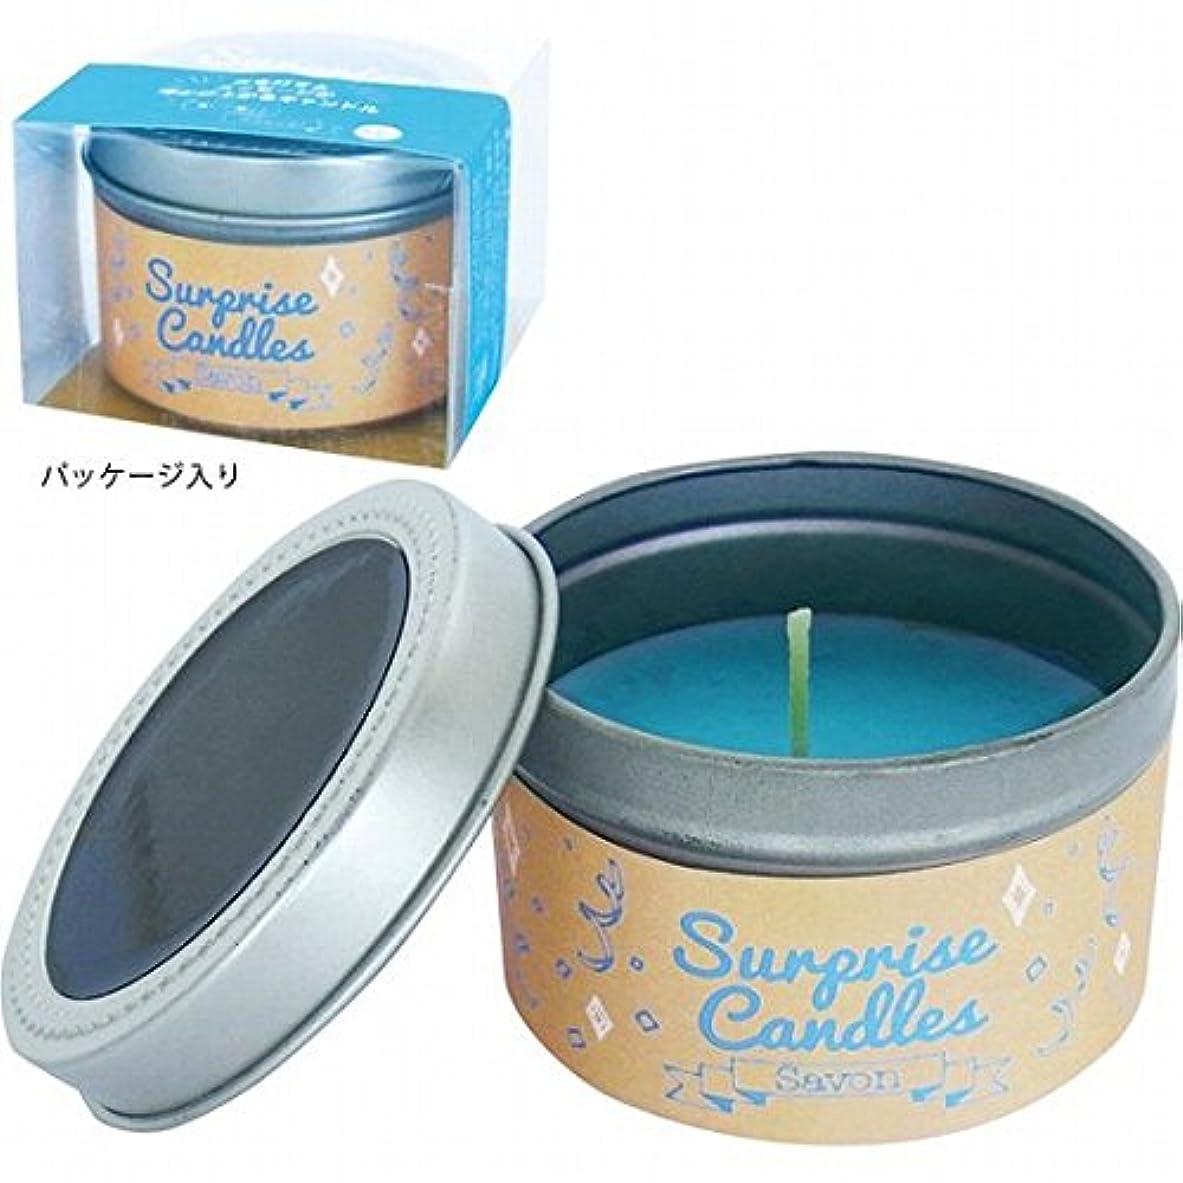 けがをするいろいろインシュレータカメヤマキャンドル( kameyama candle ) サプライズキャンドル 「サボン」